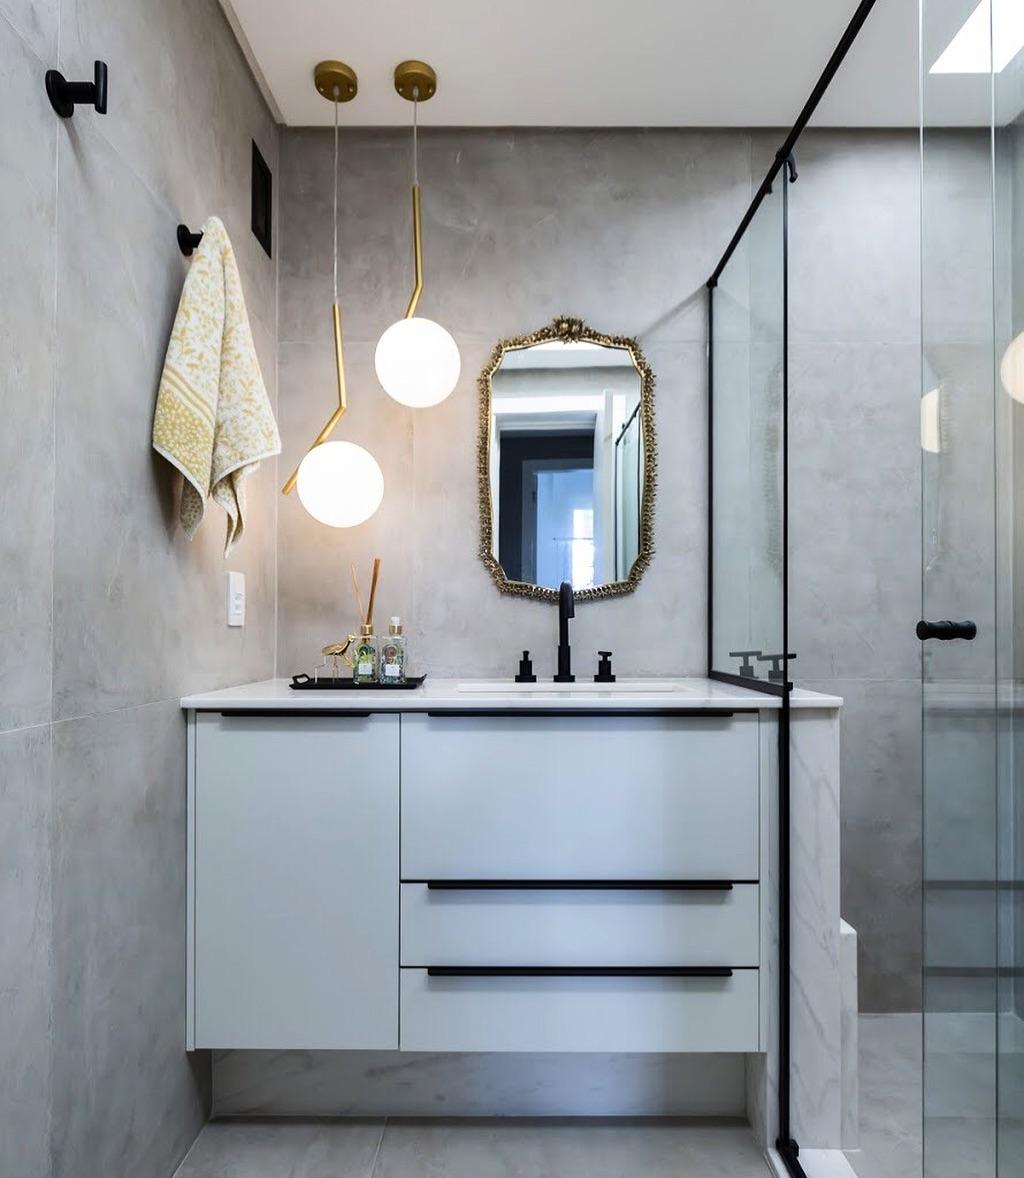 Modelos de banheiro com pendente suspenso moderno.